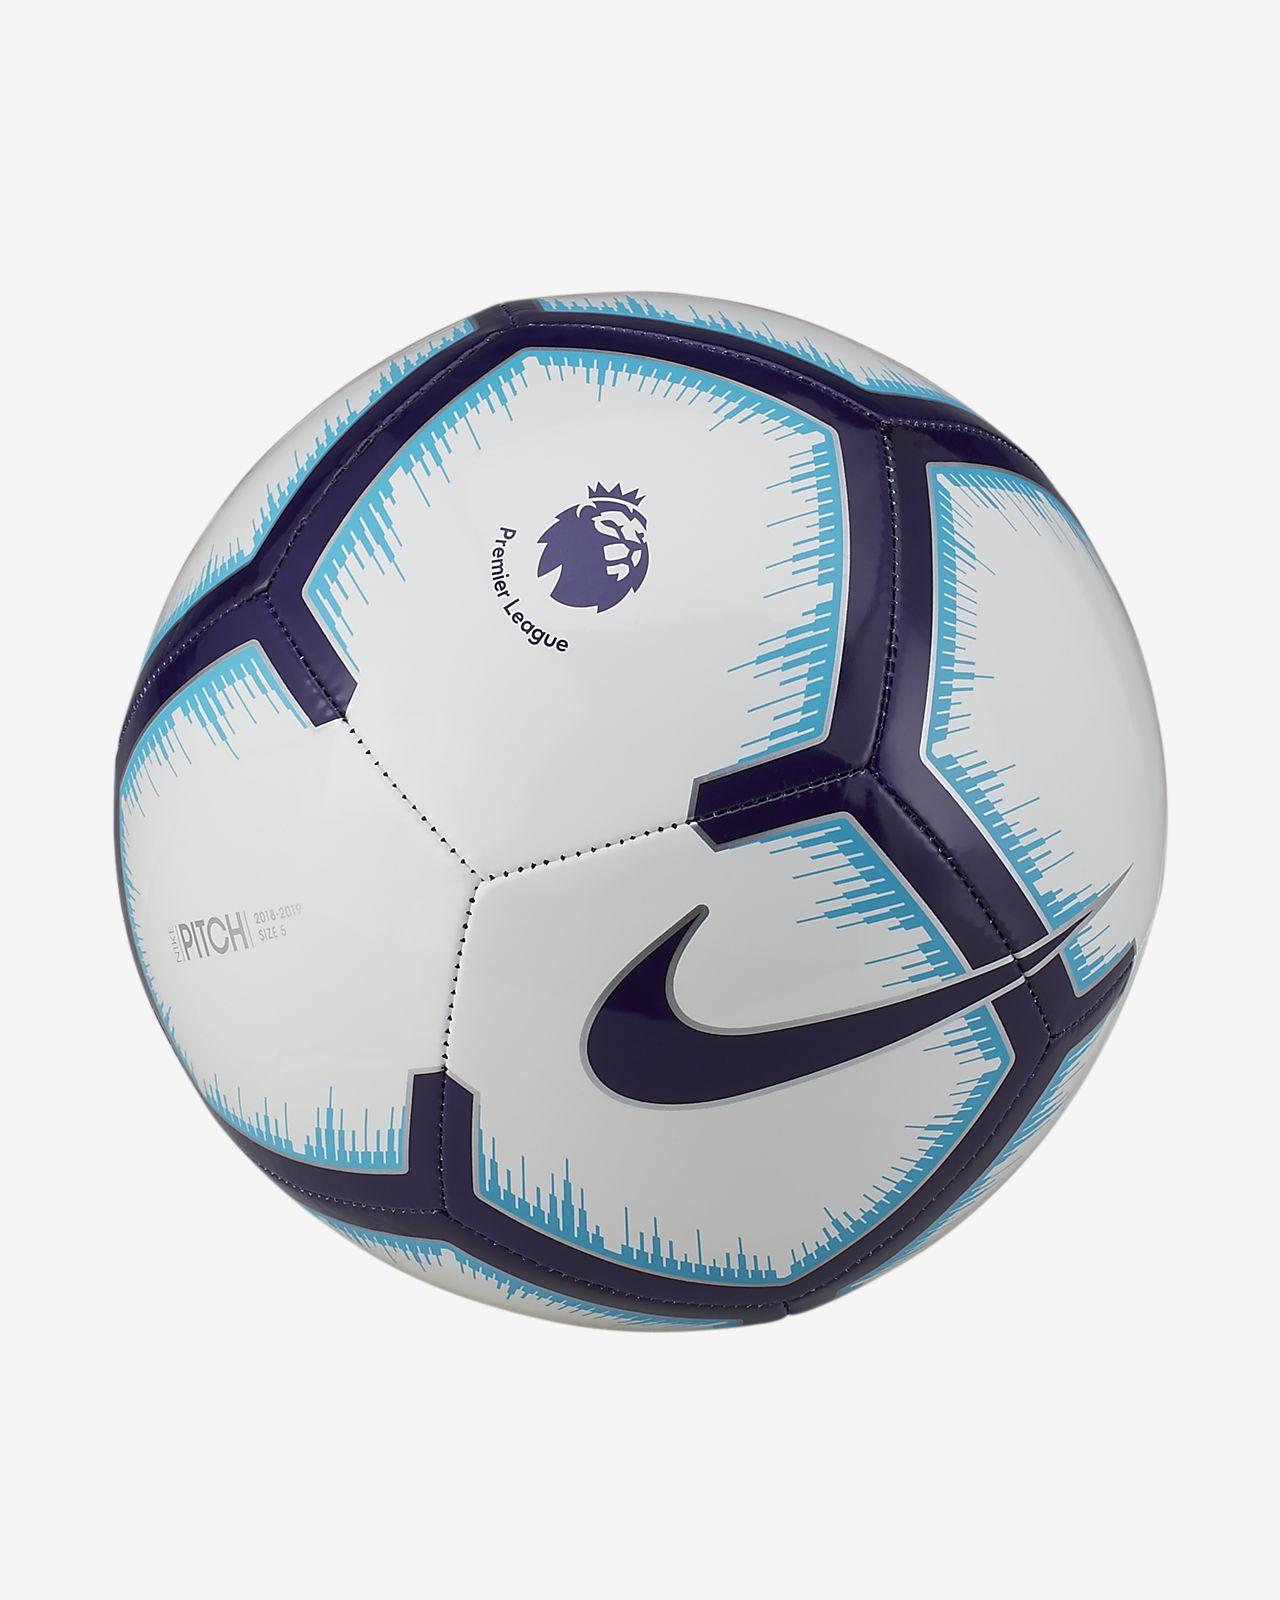 Balón de fútbol Premier League Pitch